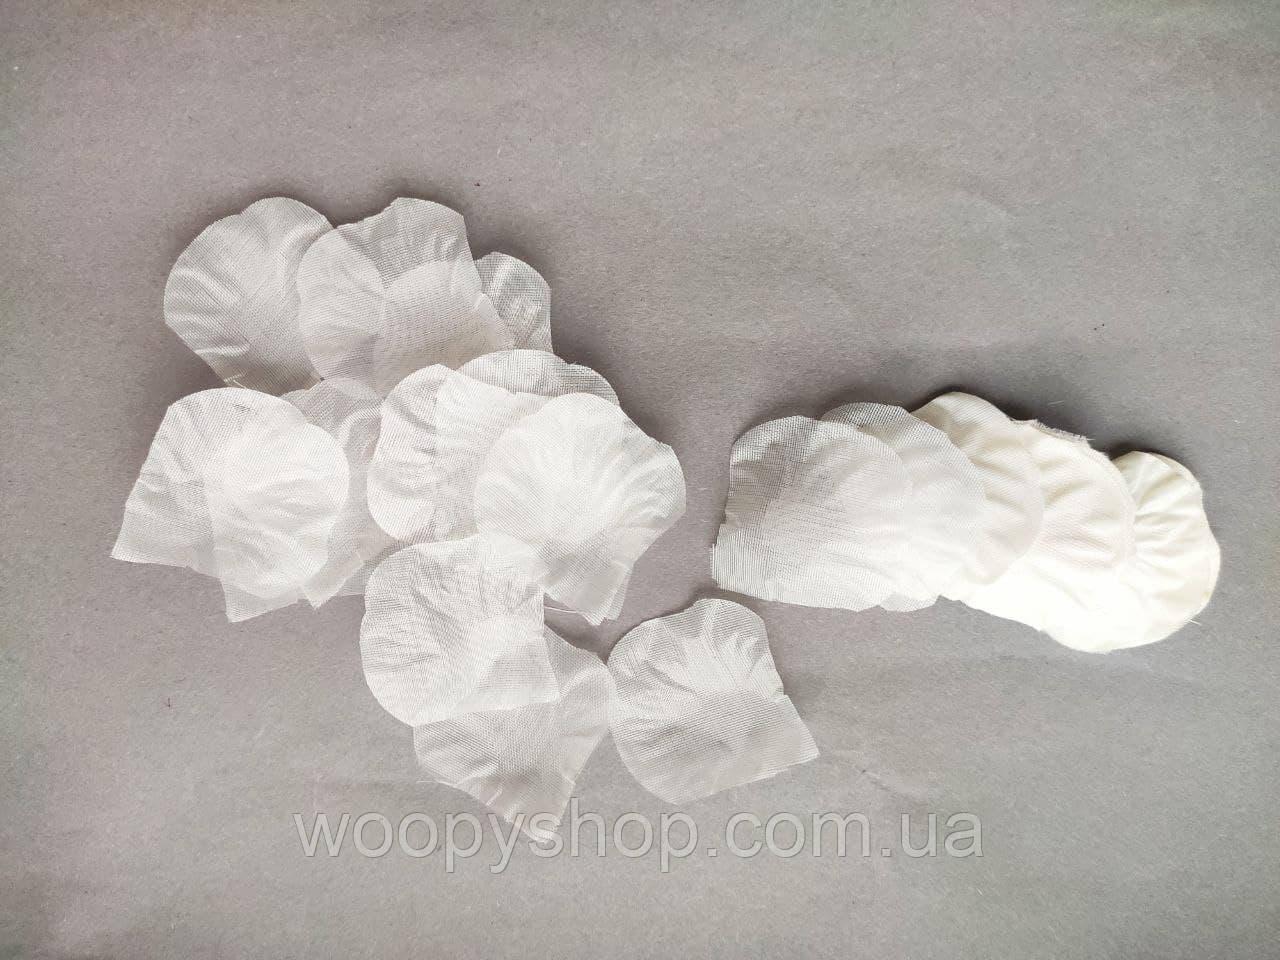 Лепестки роз искусственные многоразовые 100шт/уп 4,3*4,3см  Молочного цвета